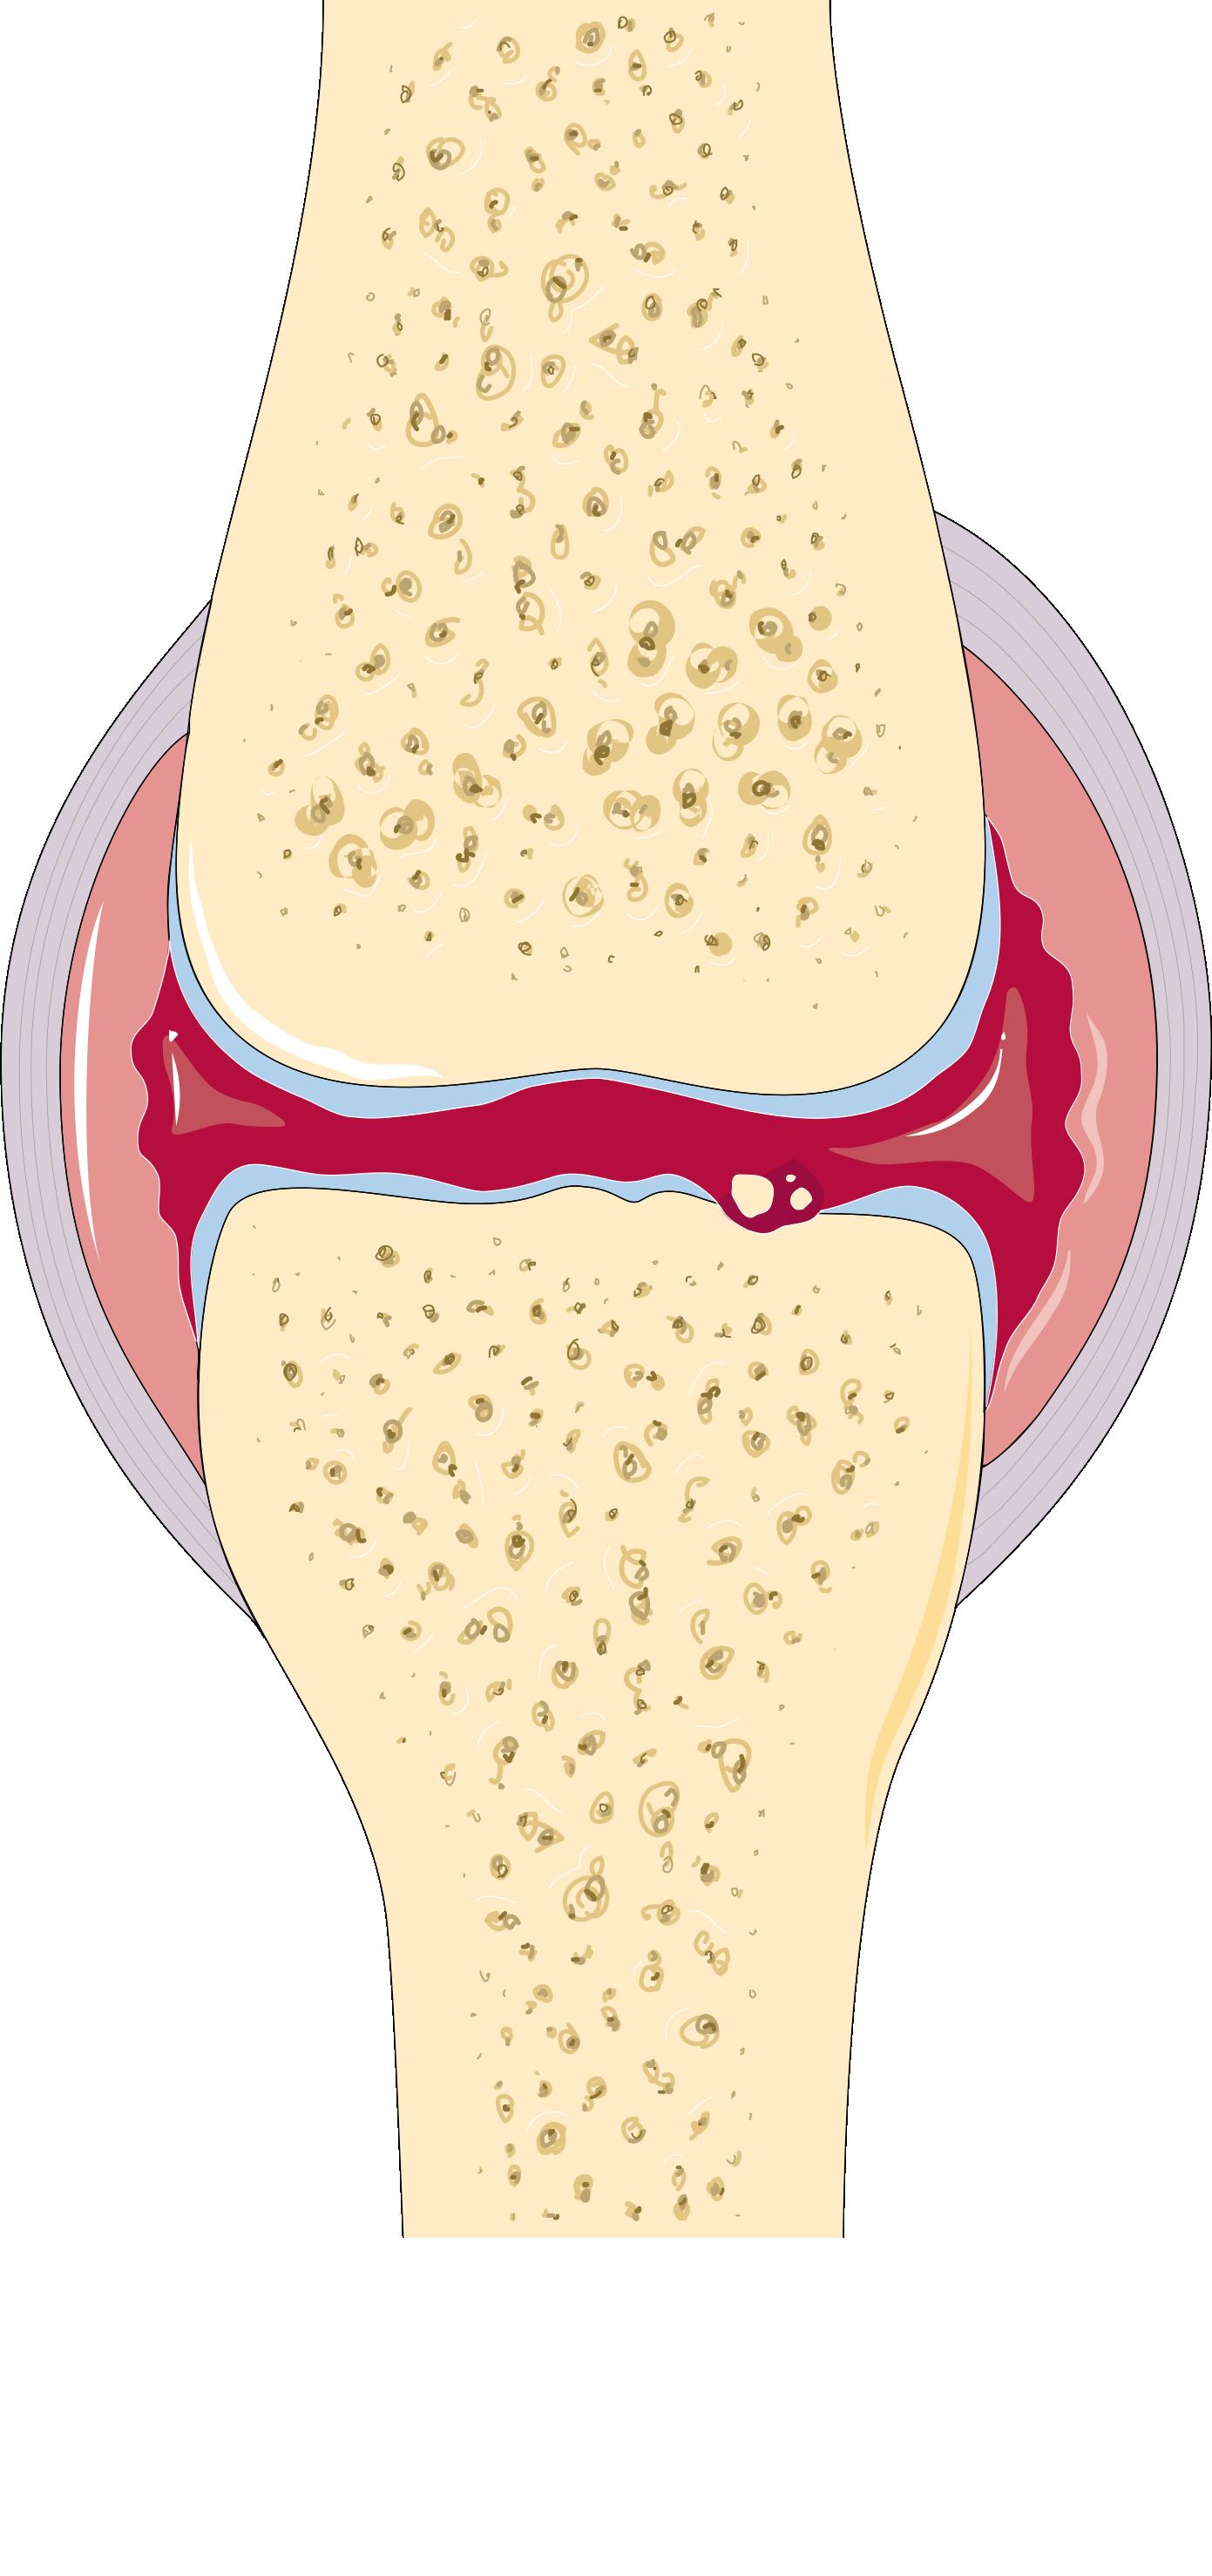 arthrite definitie)